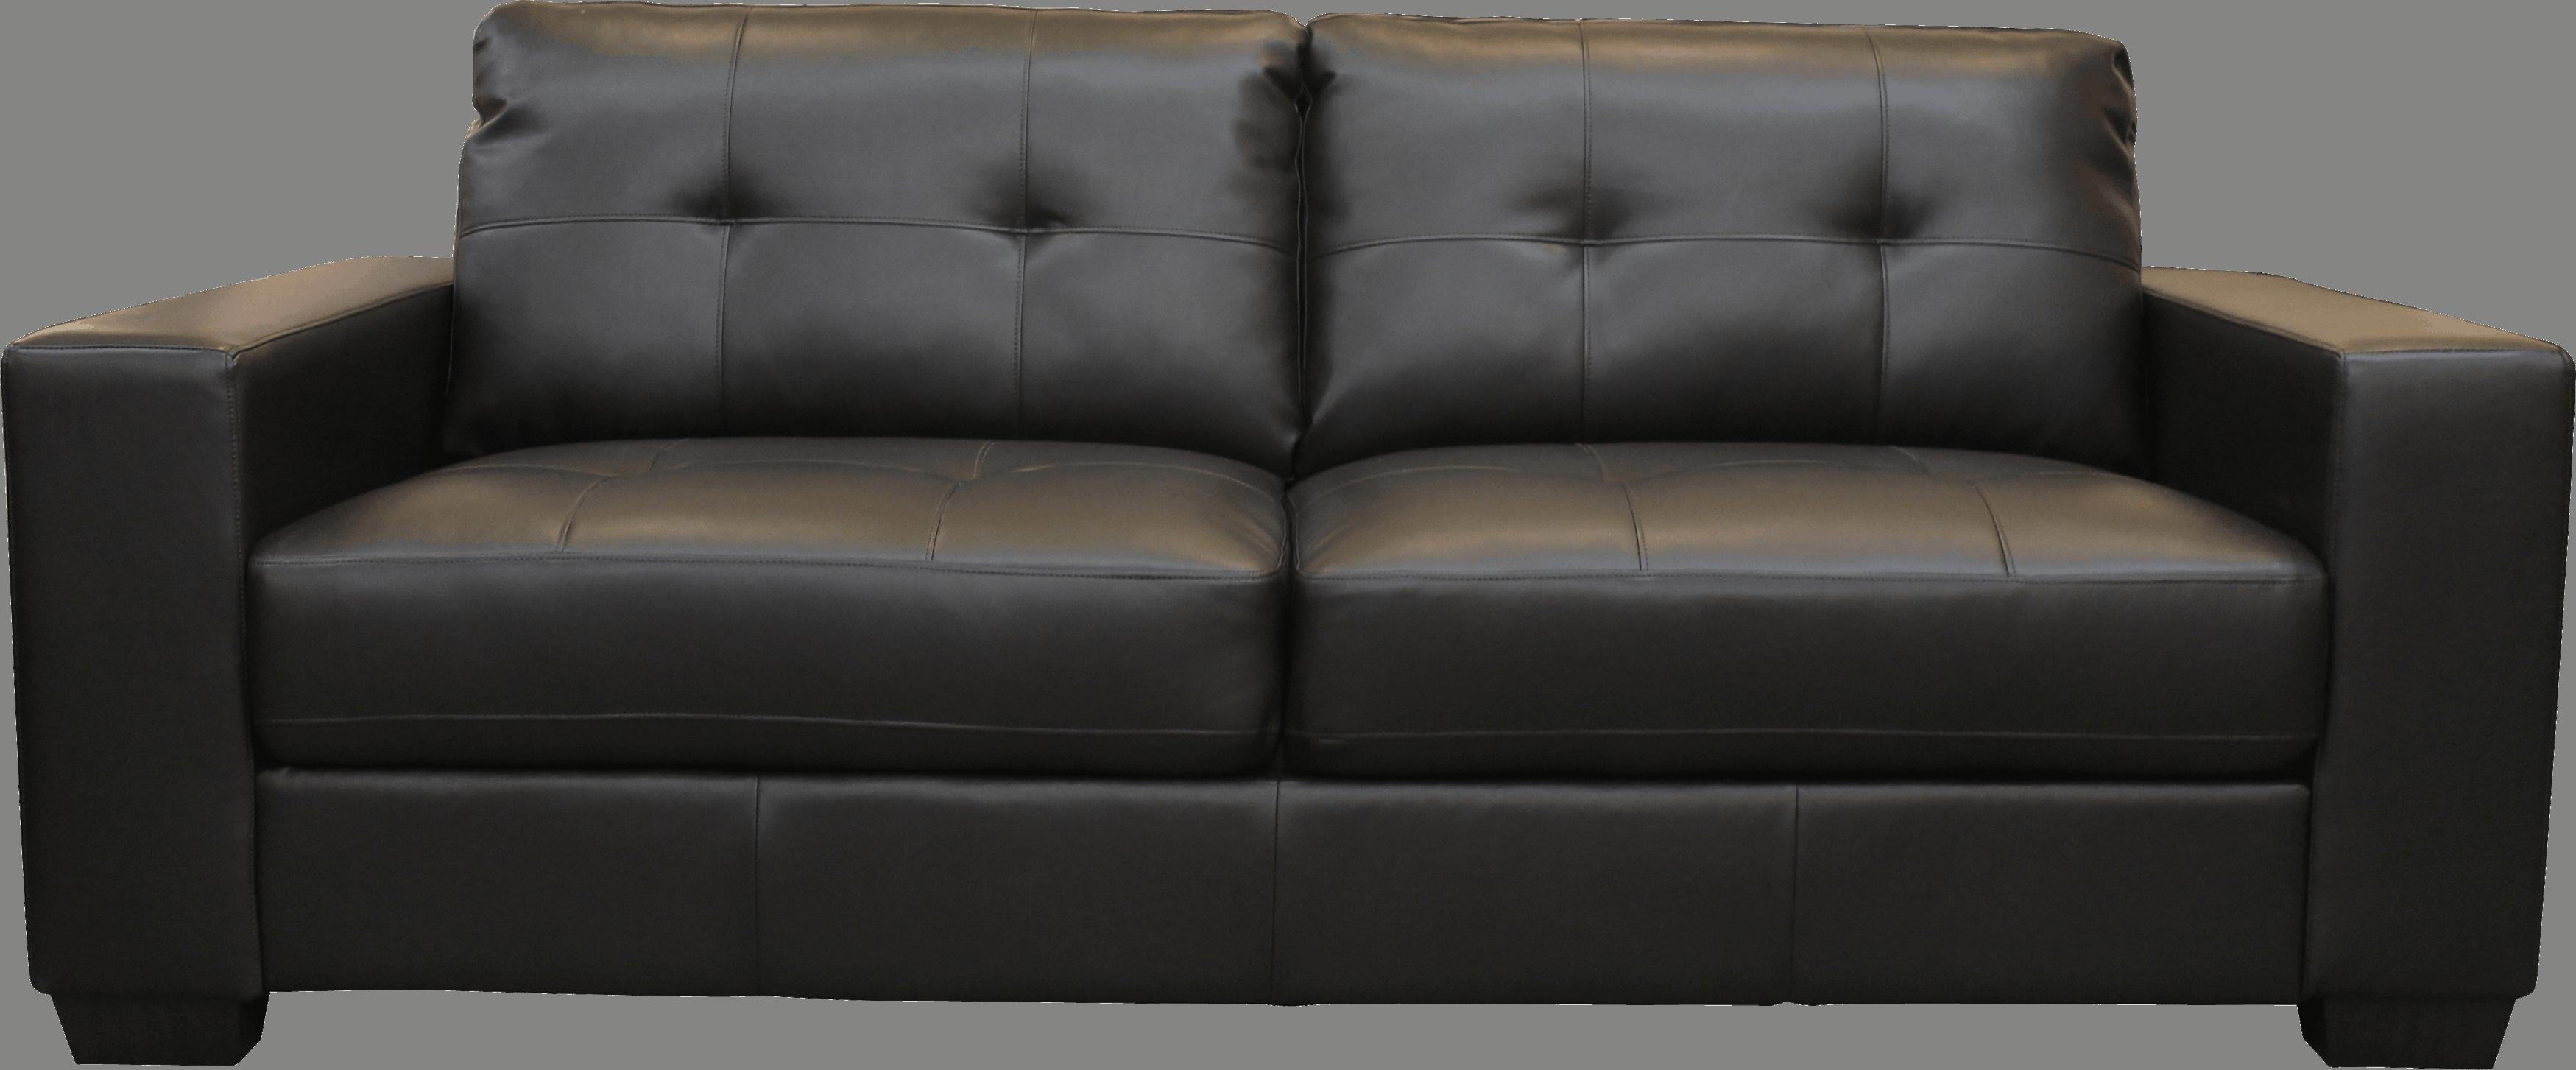 pinpng.com sofa png 81891